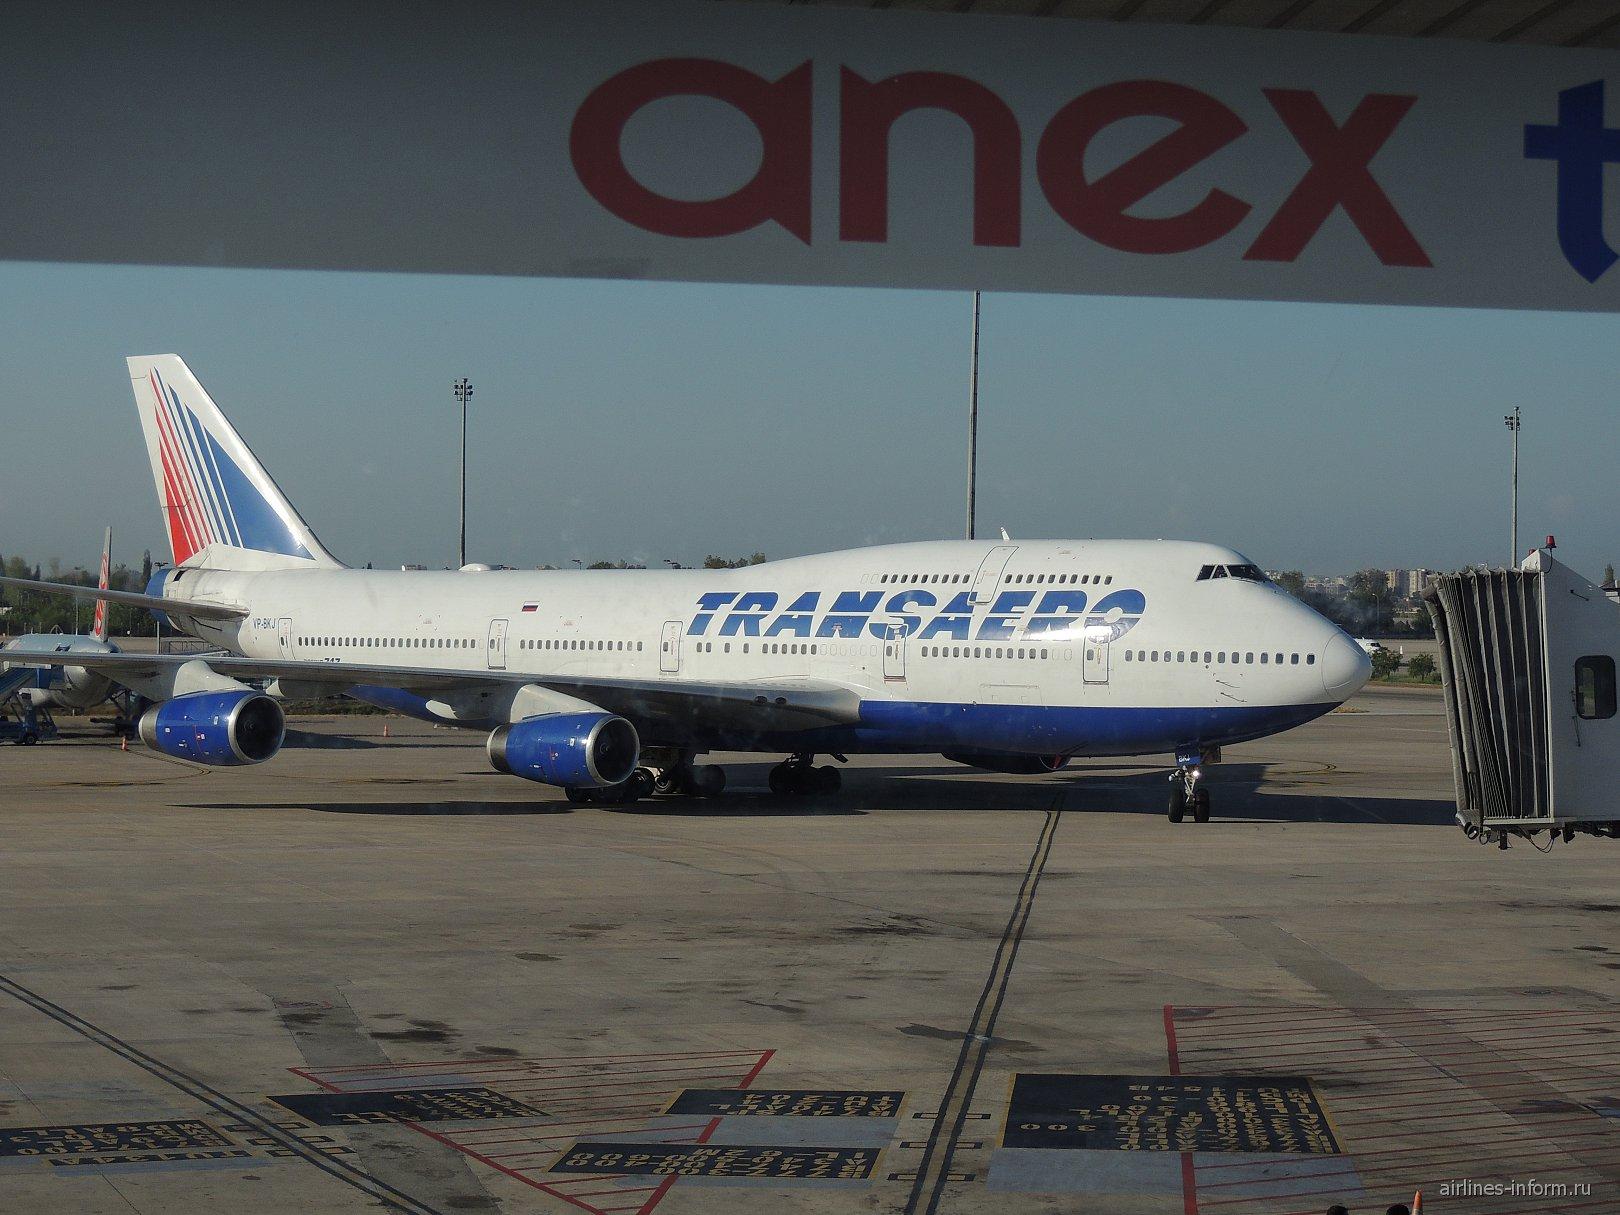 Боинг-747 Трансаэро в аэропорту Анталья